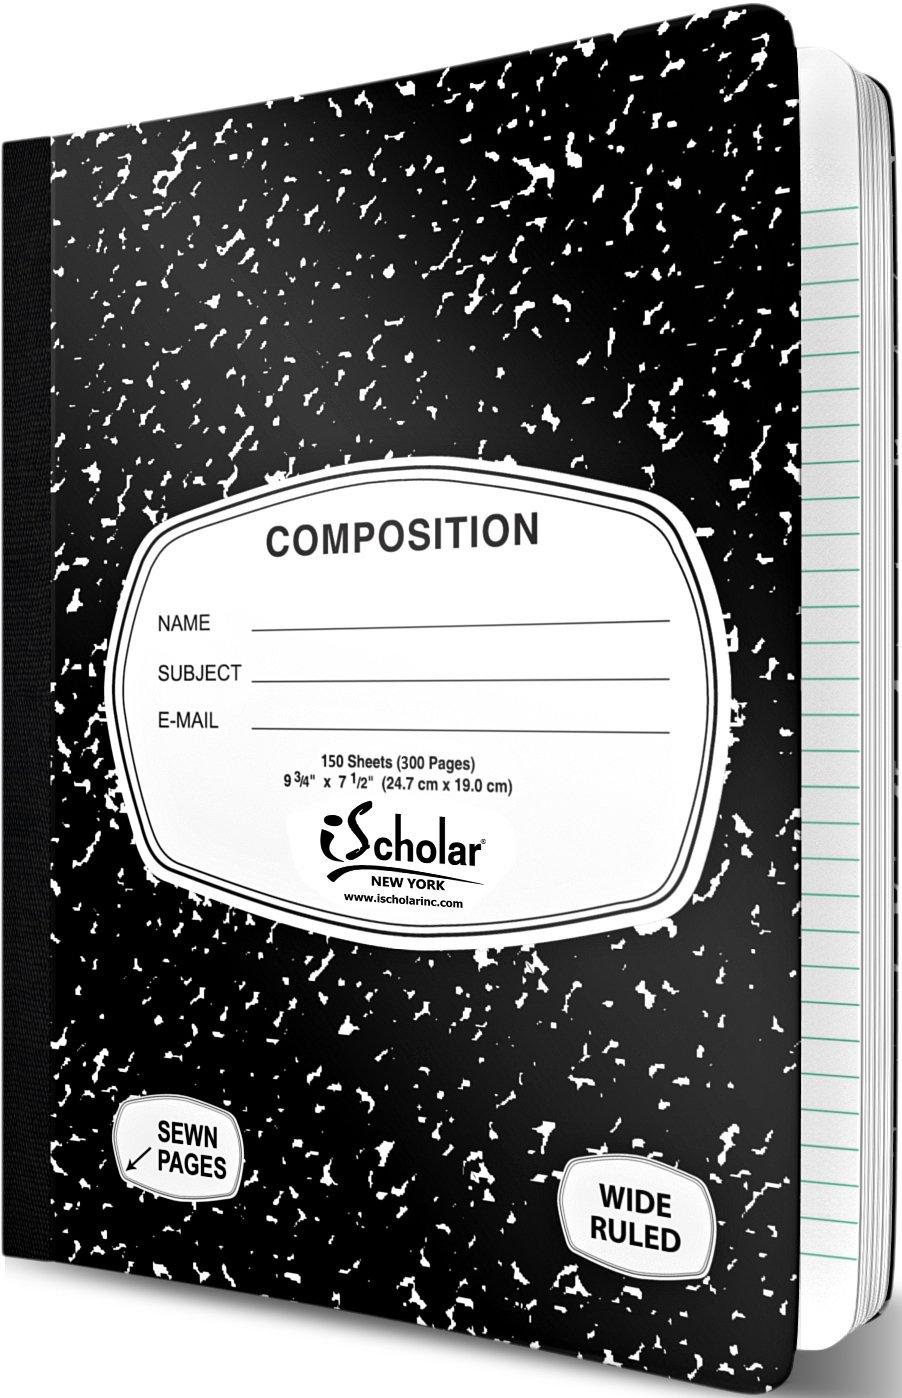 Ischolar schwarz und weiß Marmor breit liniert Zusammensetzung Bücher 150 Sheets schwarz   weiß